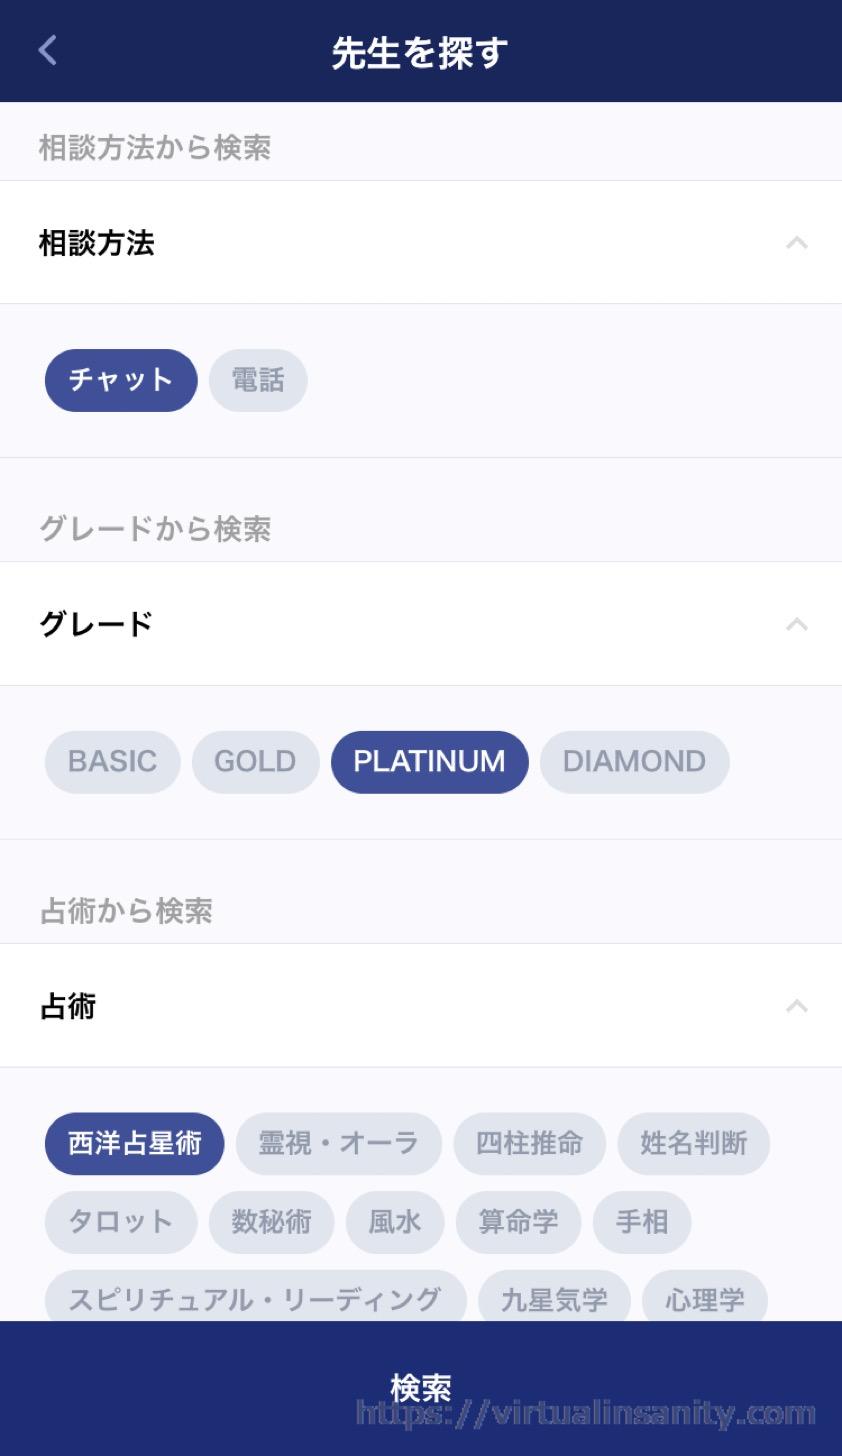 明占先生の検索方法